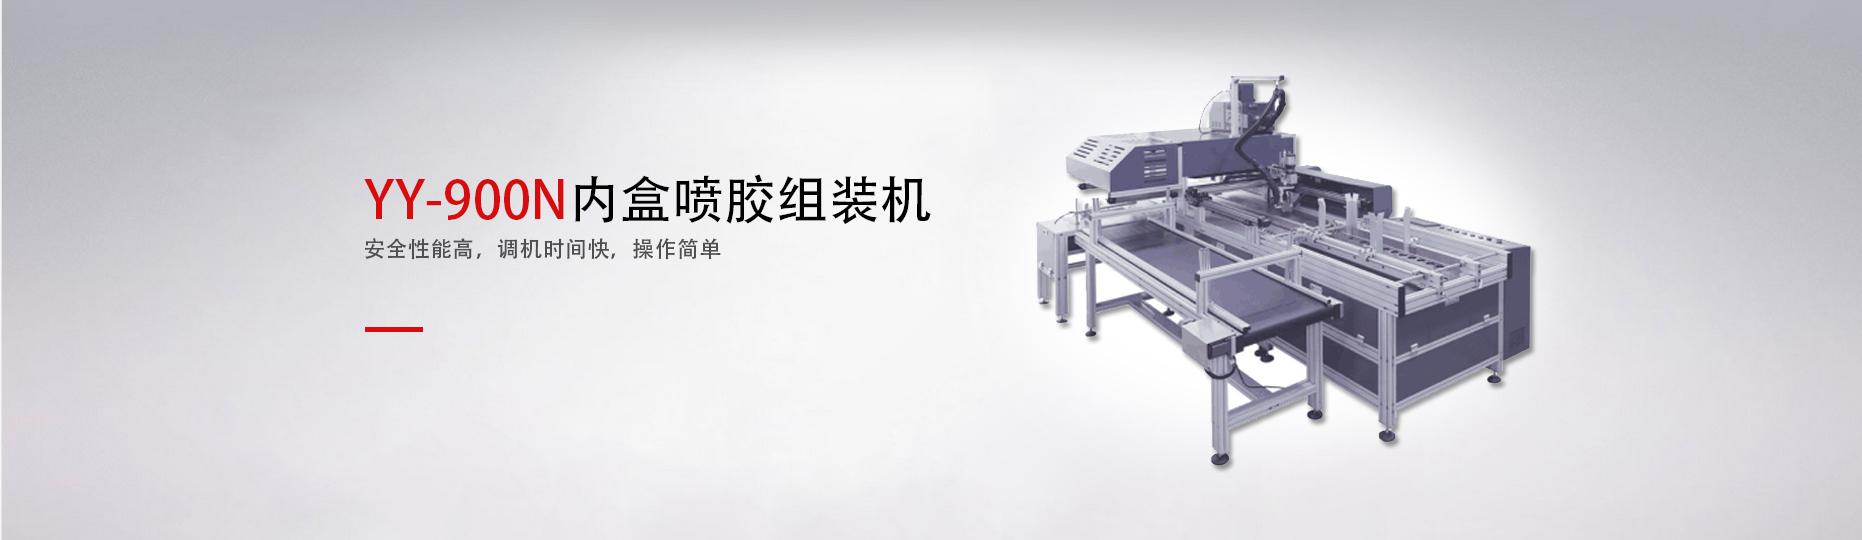 折叠盒组装机、书型盒组装机